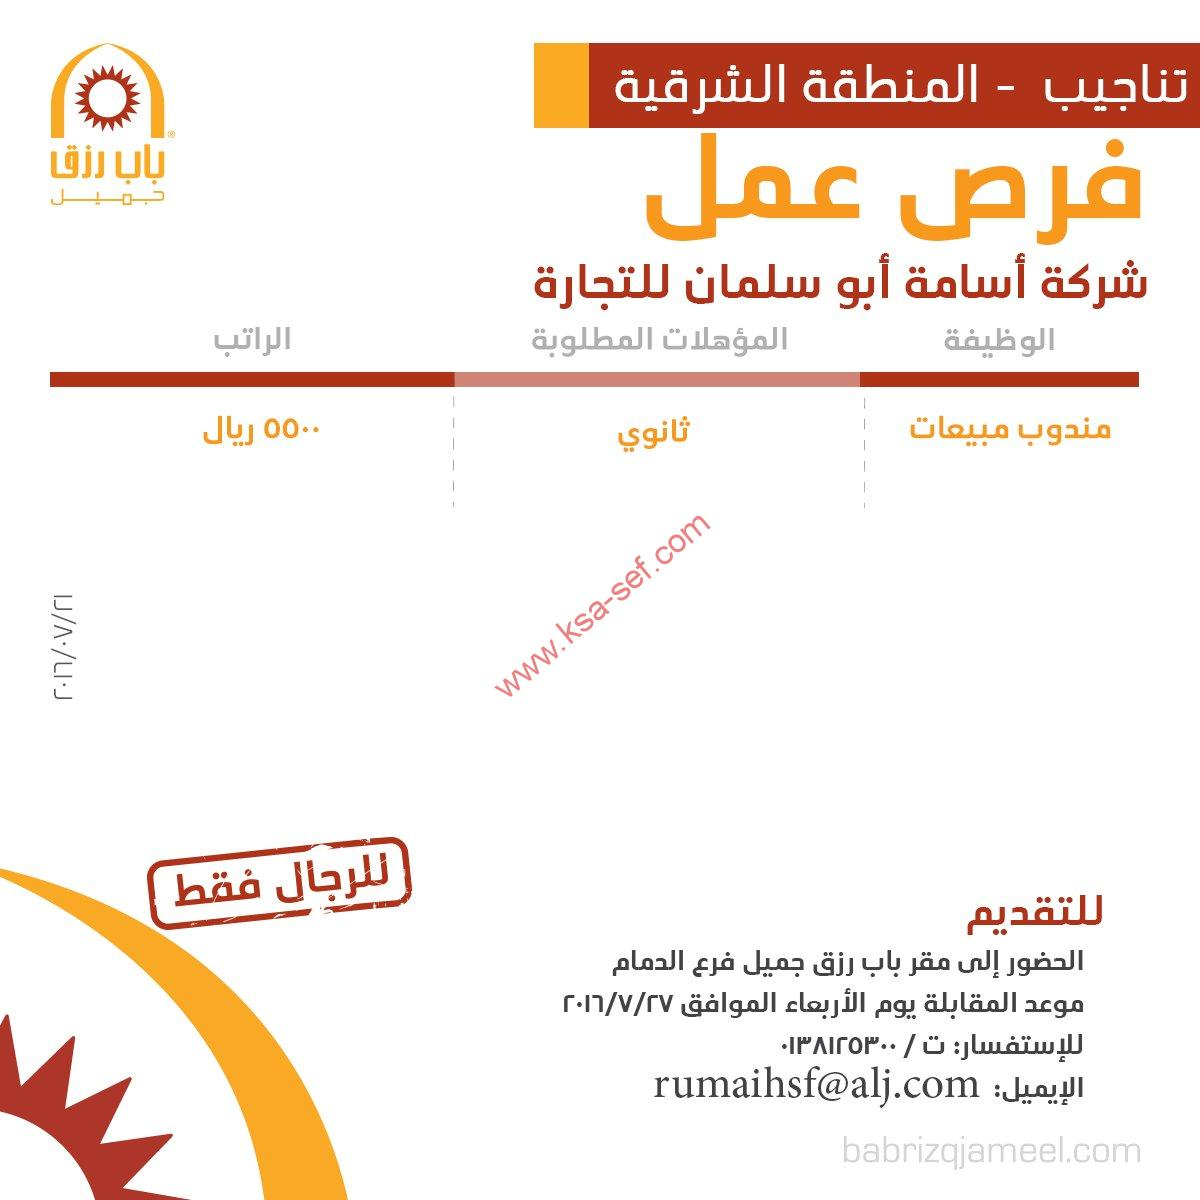 وظيفة مندوب مبيعات شركة أسامة أبو سلمان للتجارة المنطقة الشرقية